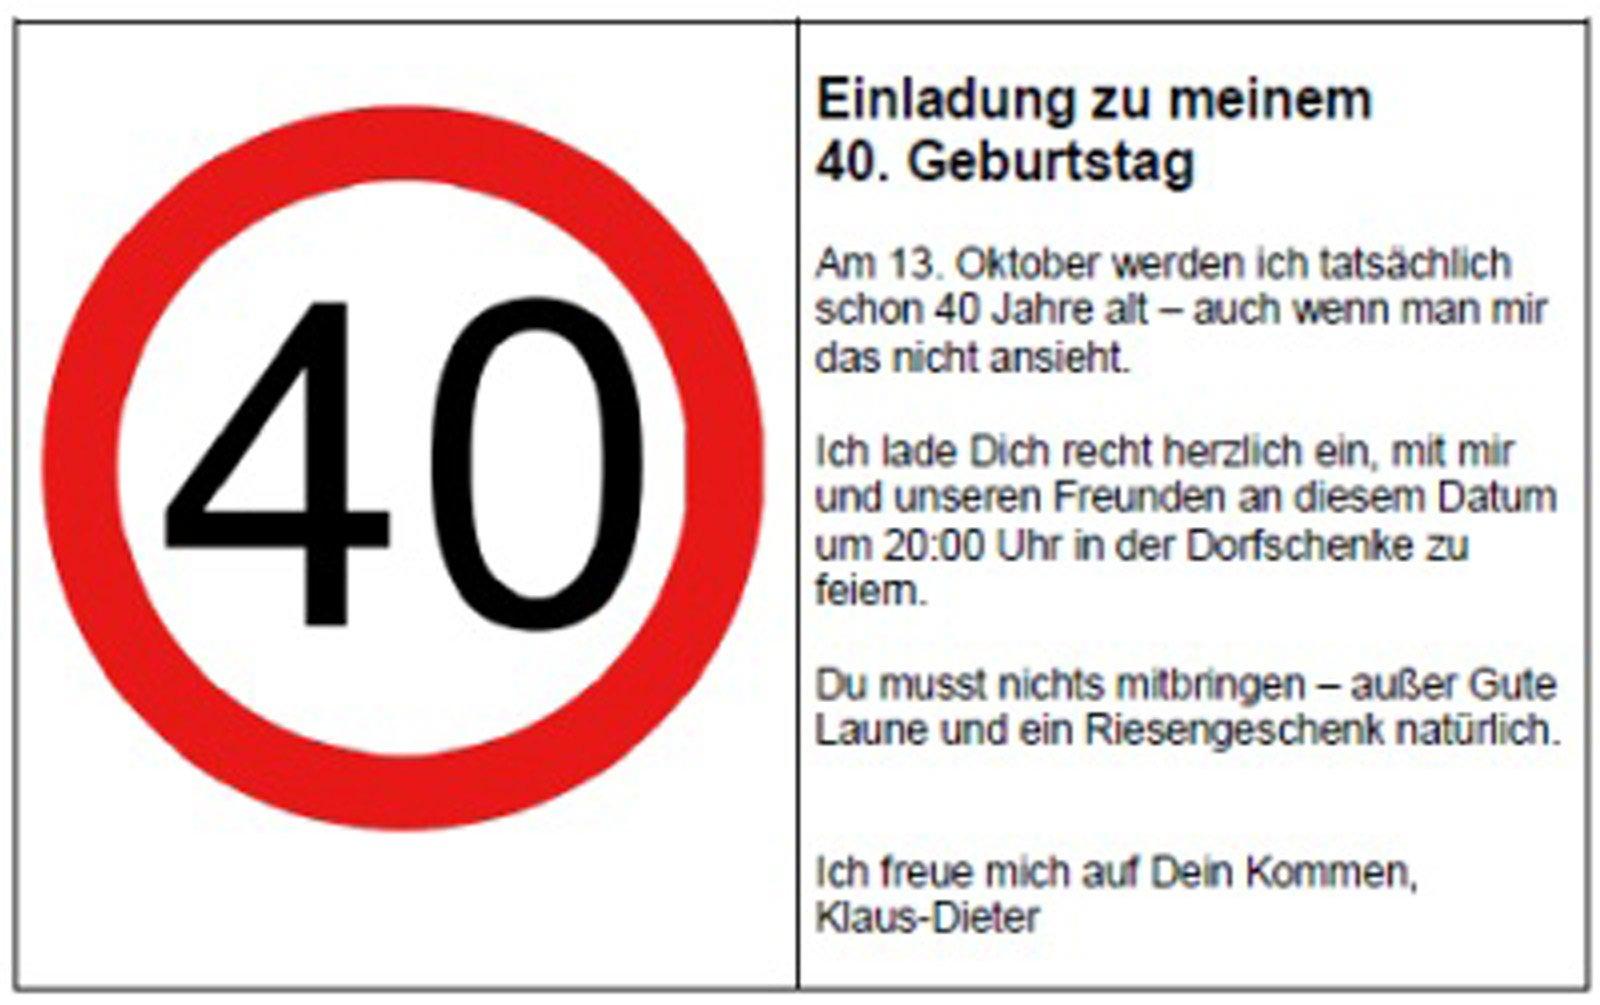 Fesselnd More Article From 40 Geburtstag Einladung